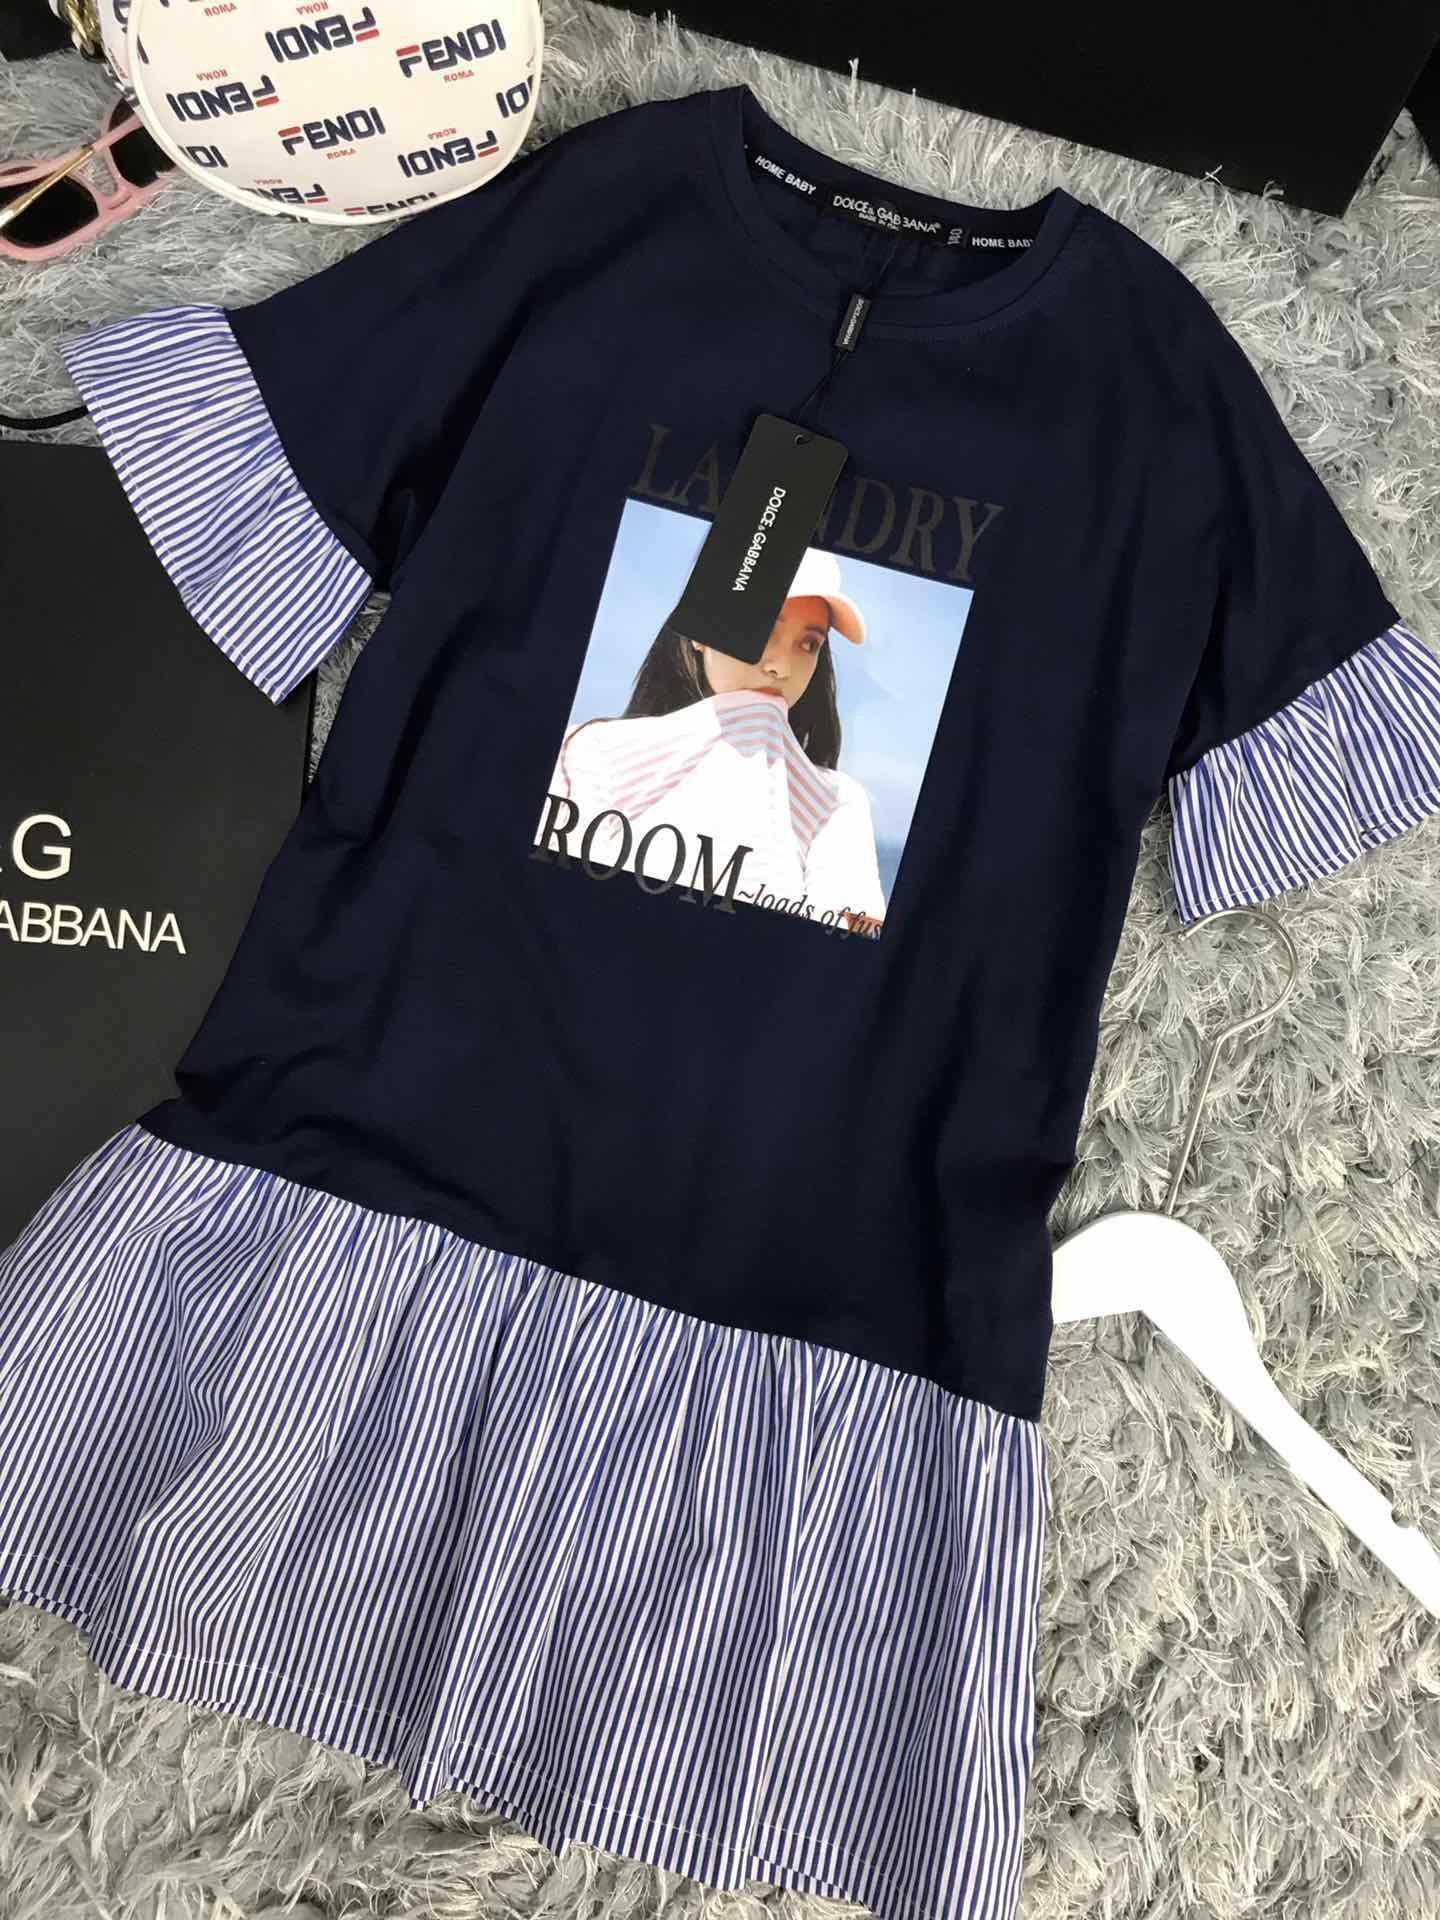 2019 novos vestidos de verão crianças roupas de marca meninas vestido de bebê roupas de menina crianças vestido de algodão Casual babados mangas meninas boutique outfits